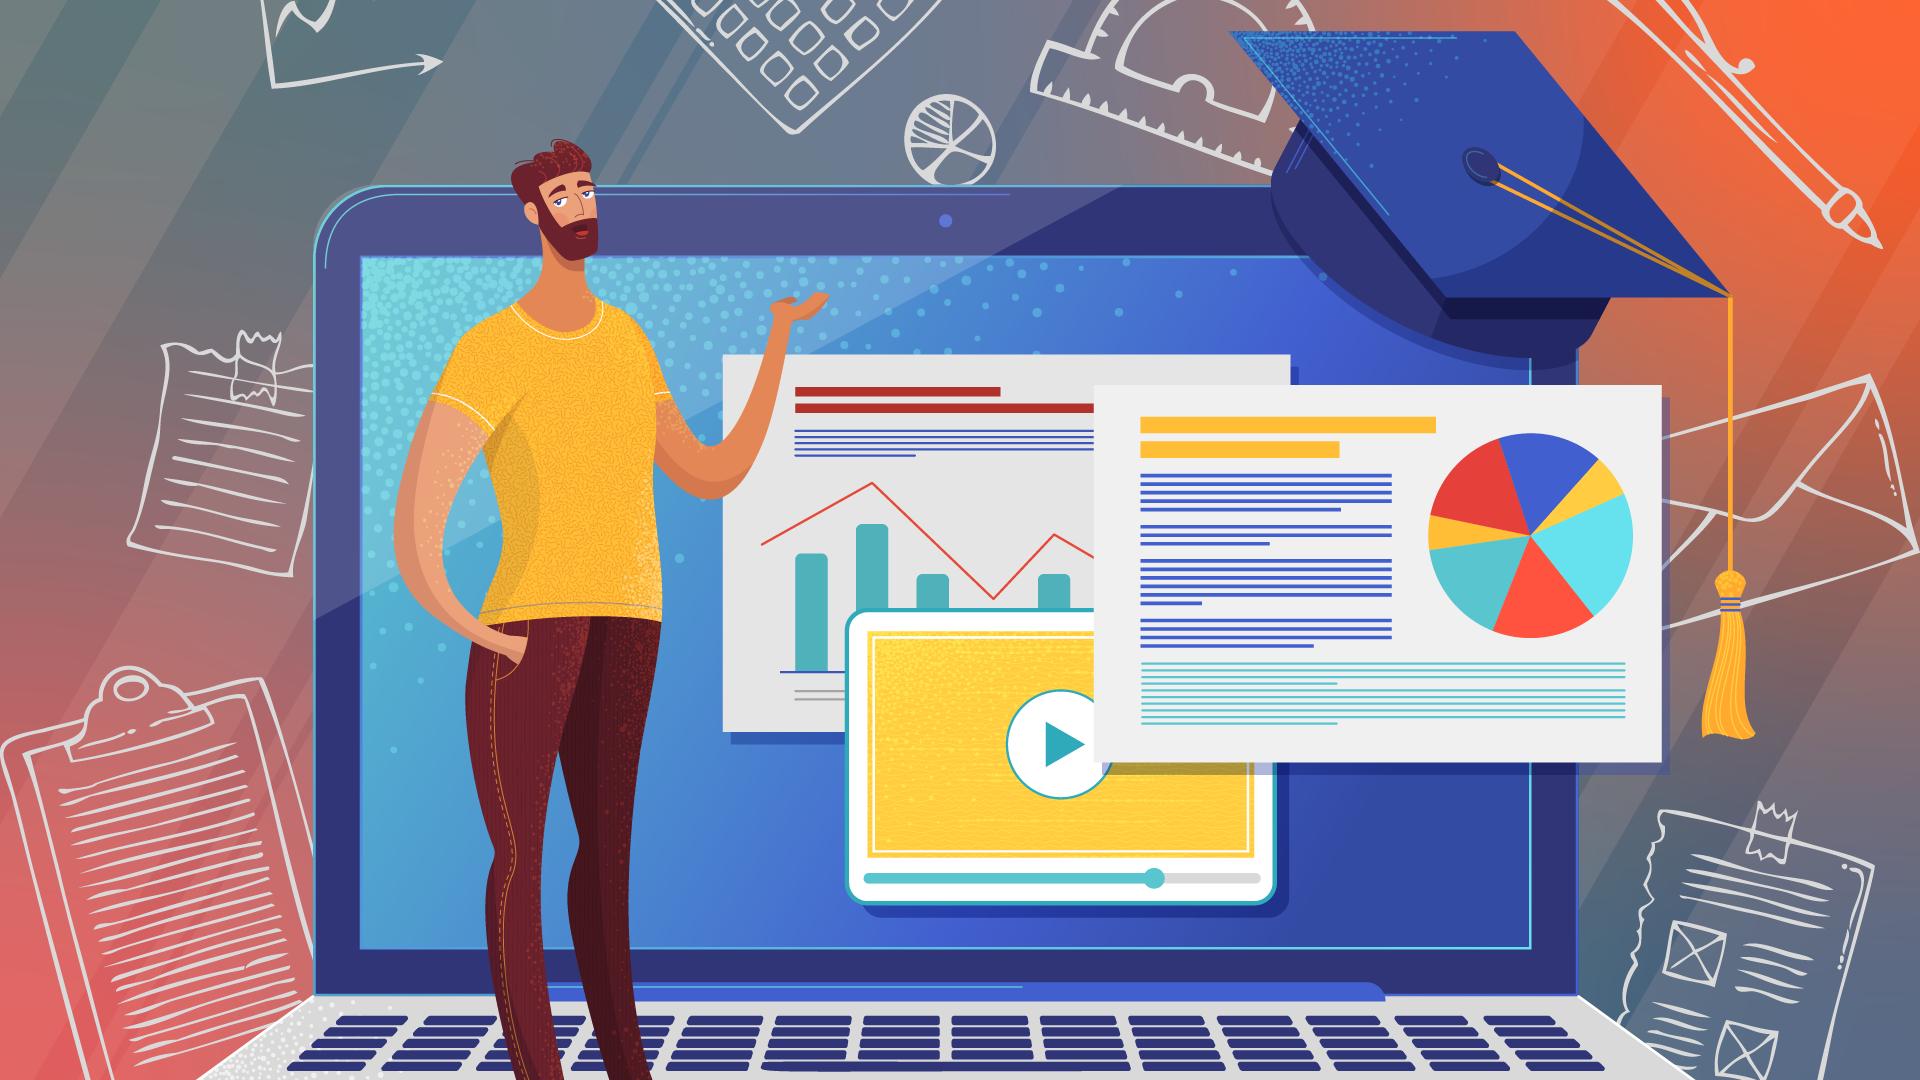 Managing-Learning-in-a-Digital-Era